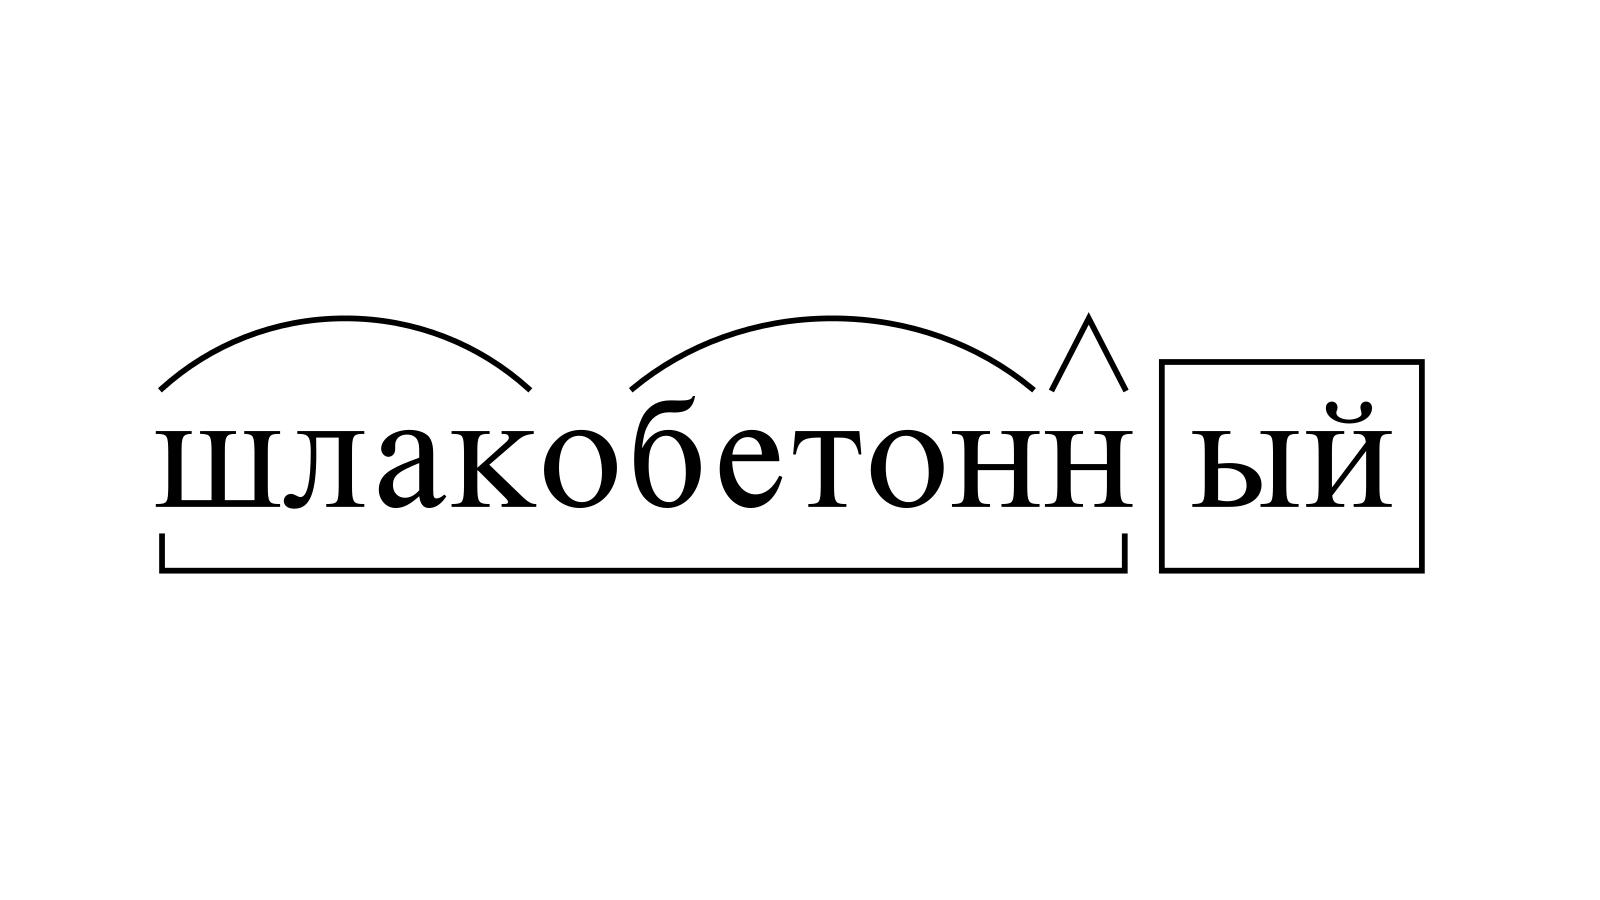 Разбор слова «шлакобетонный» по составу